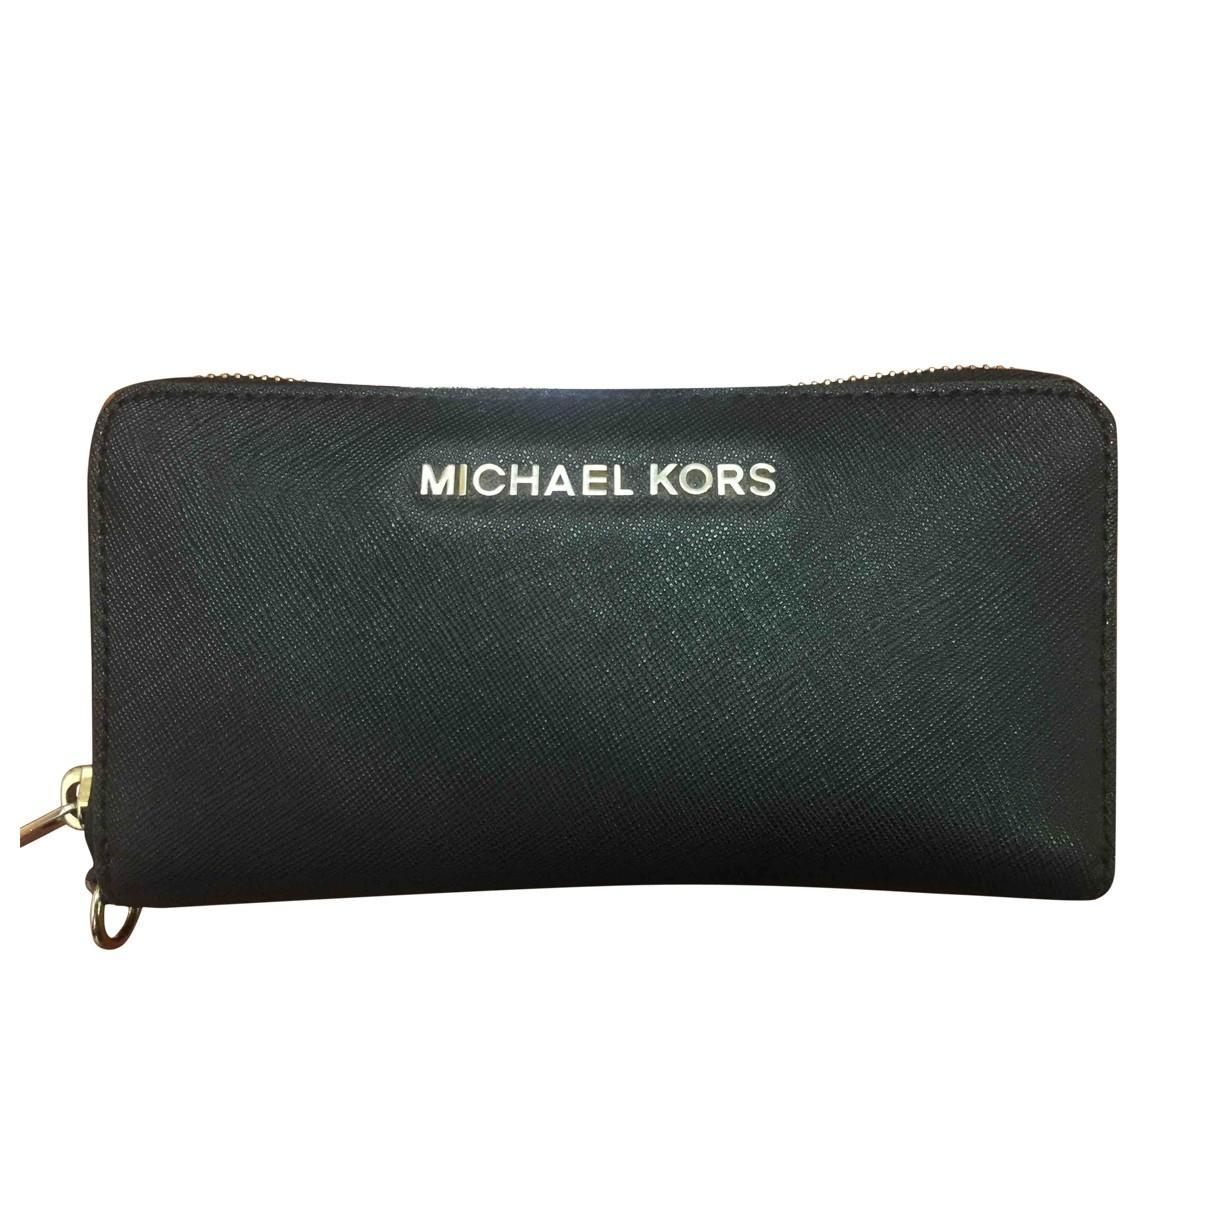 Michael Kors - Portefeuille   pour femme en toile - noir